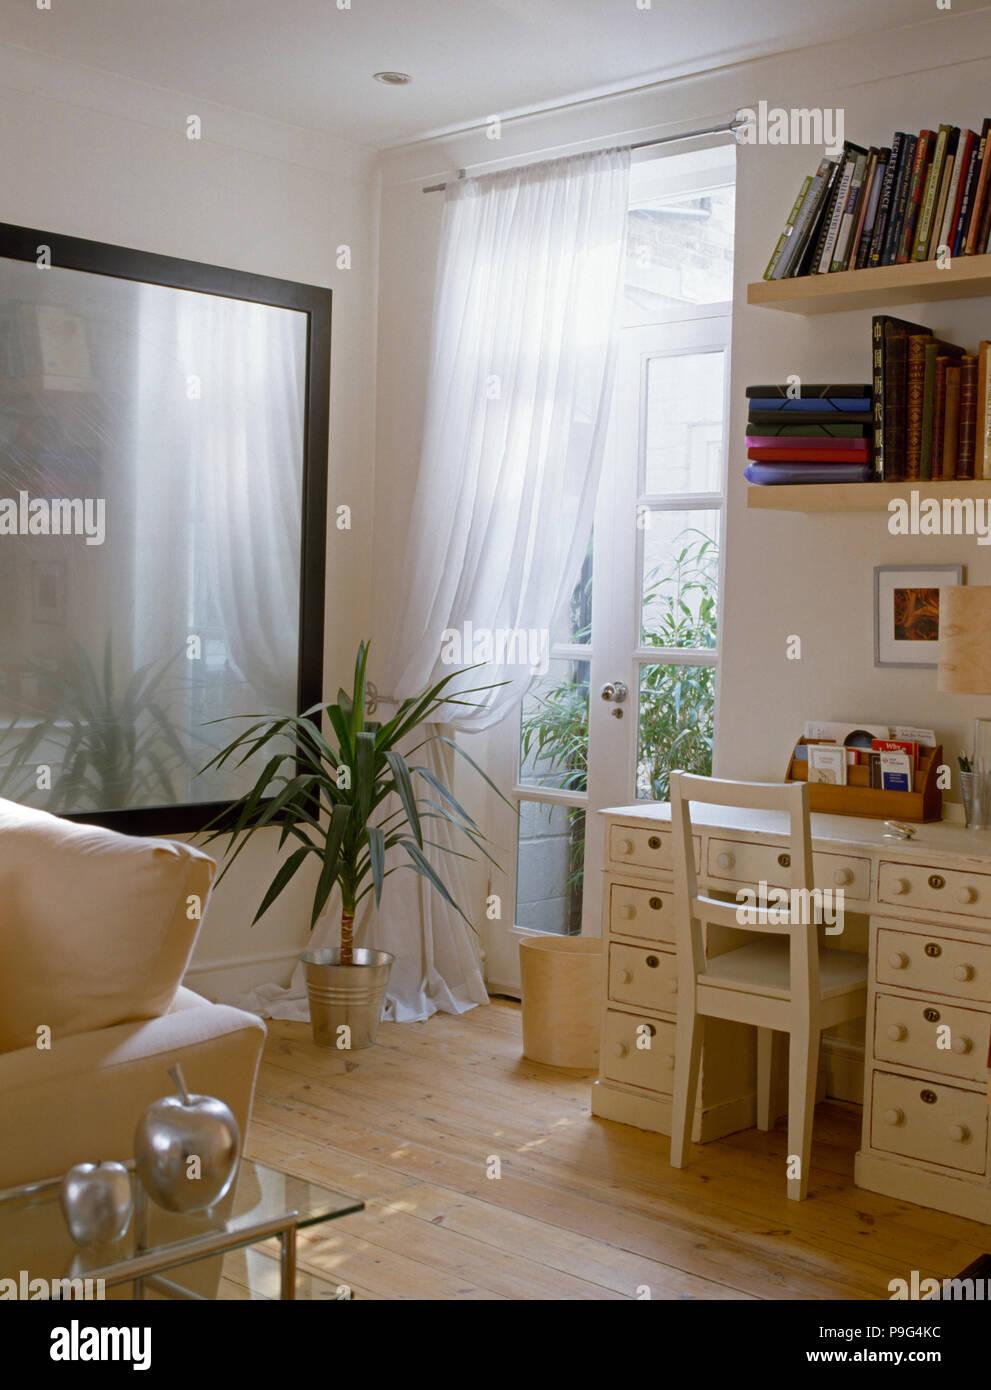 https www alamyimages fr tall plante a cote d un grand miroir et portes fenetres avec rideaux en voile blanc zone d etude de salon image212411232 html